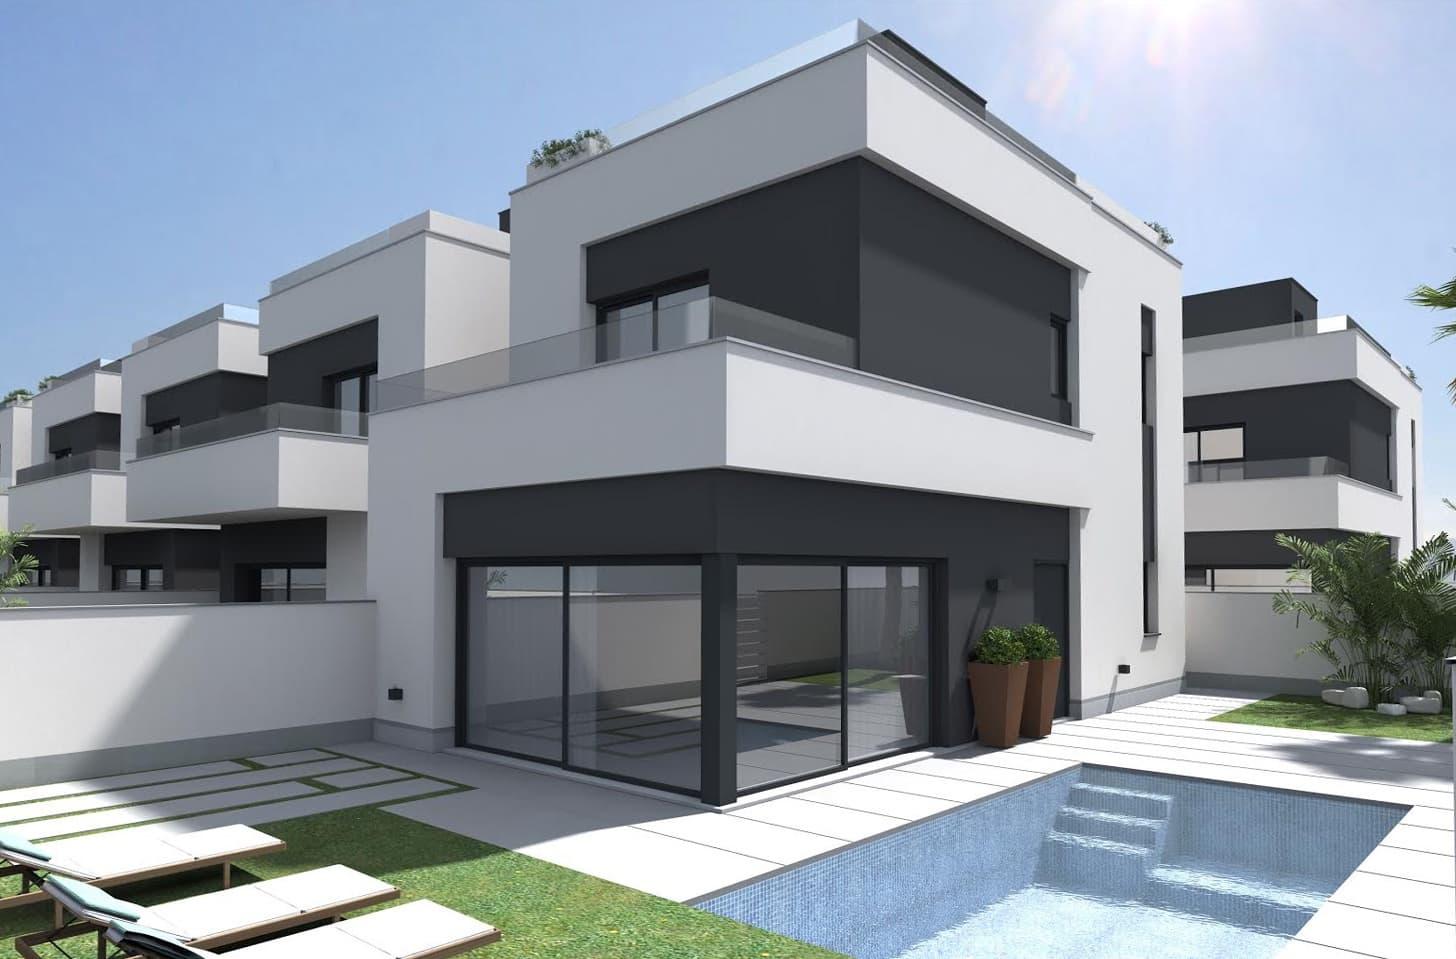 Chalet de 4 habitaciones en Pilar de la Horadada en venta con piscina garaje - 449.900 € (Ref: 4947375)